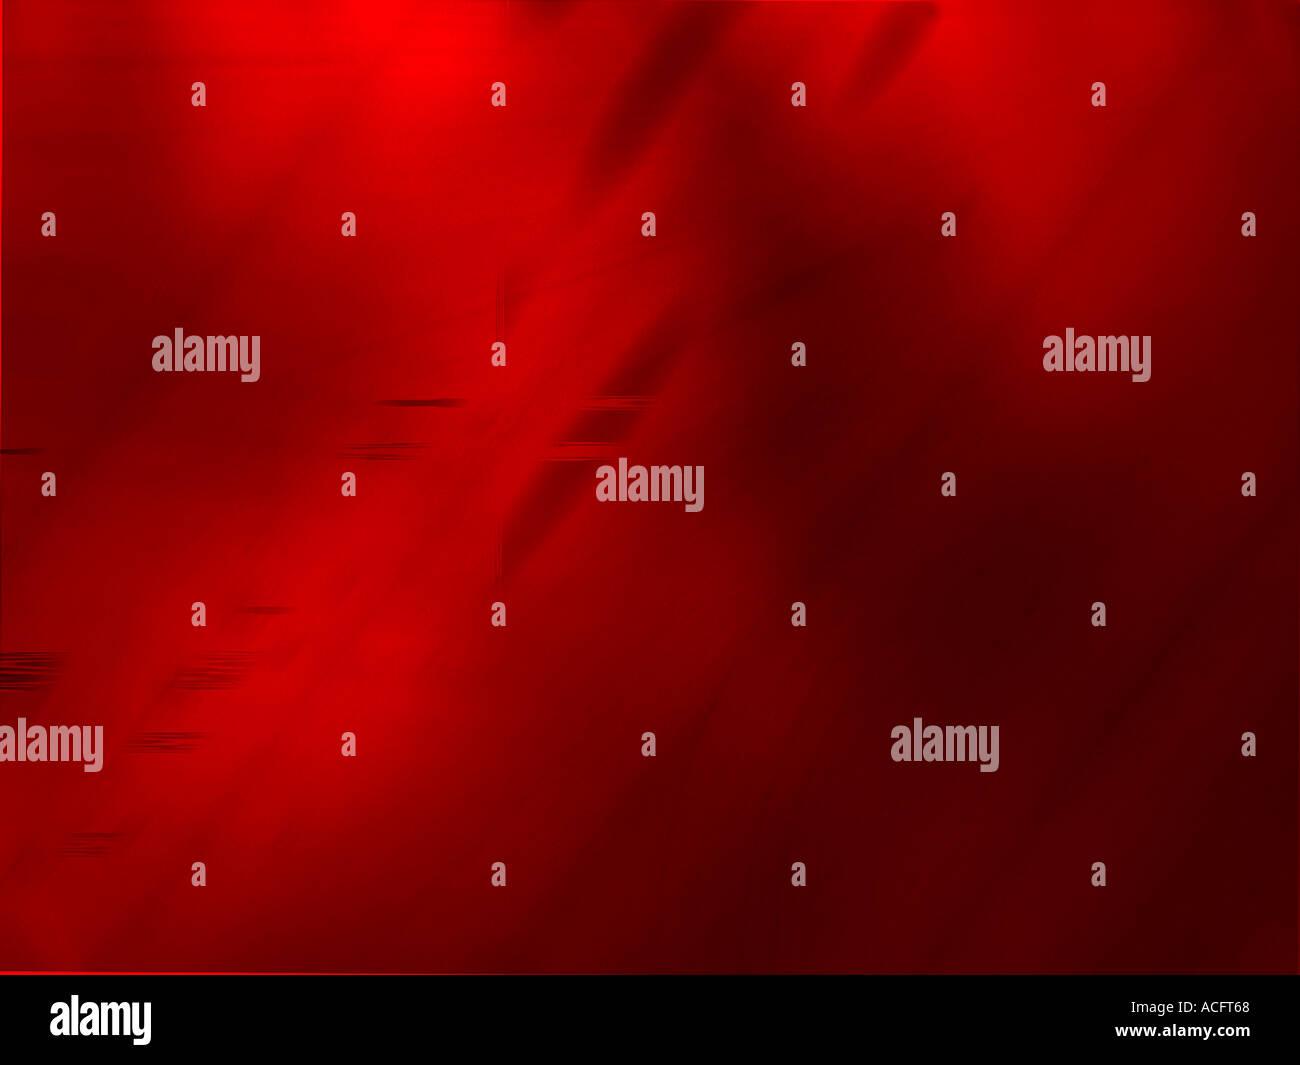 Rojo diseño generado por ordenador Imagen De Stock